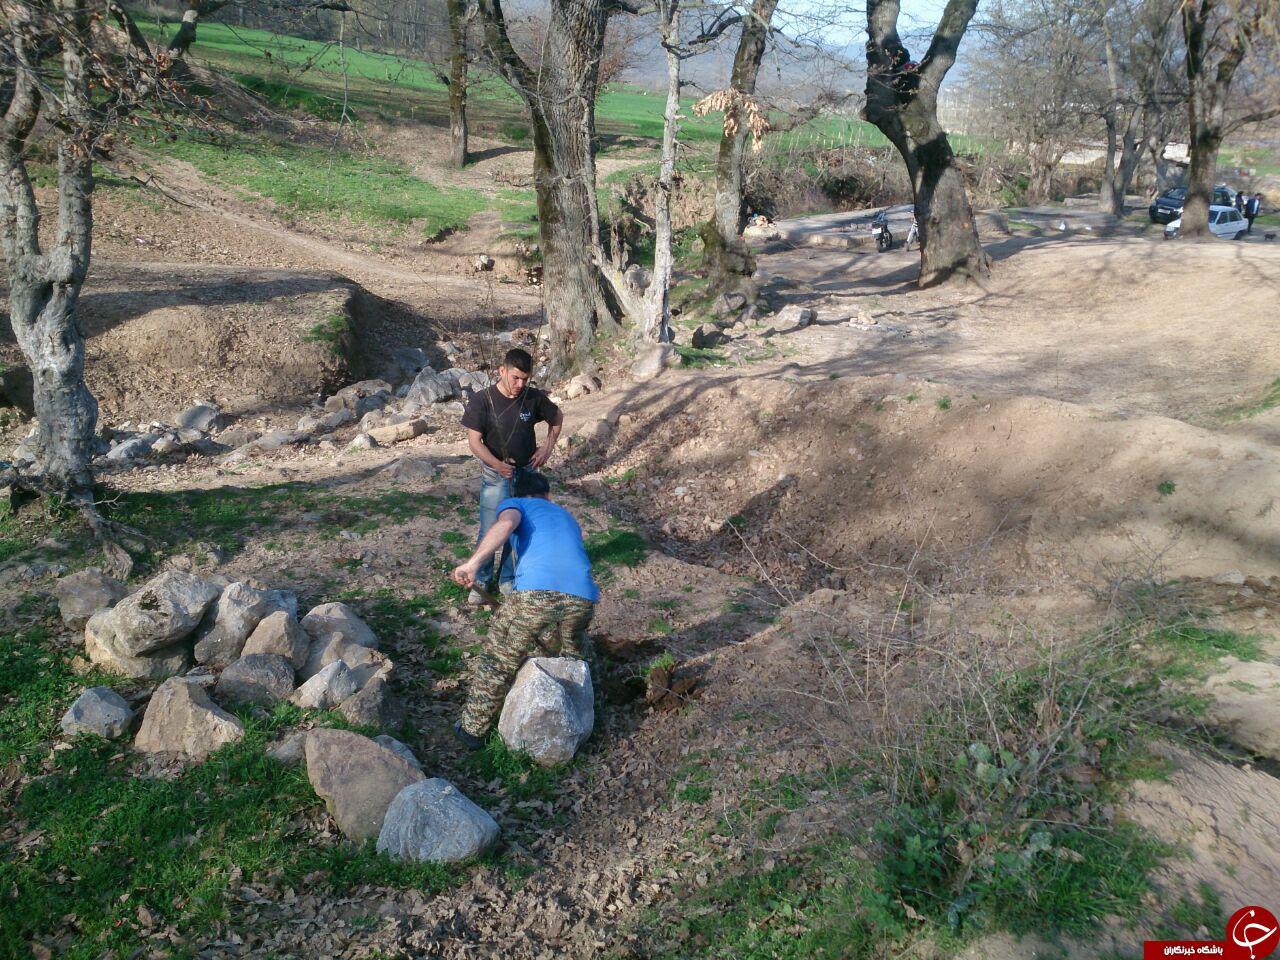 کاشت 200 اصله نهال در طبیعت زیبای رامیان + فیلم و تصاویر